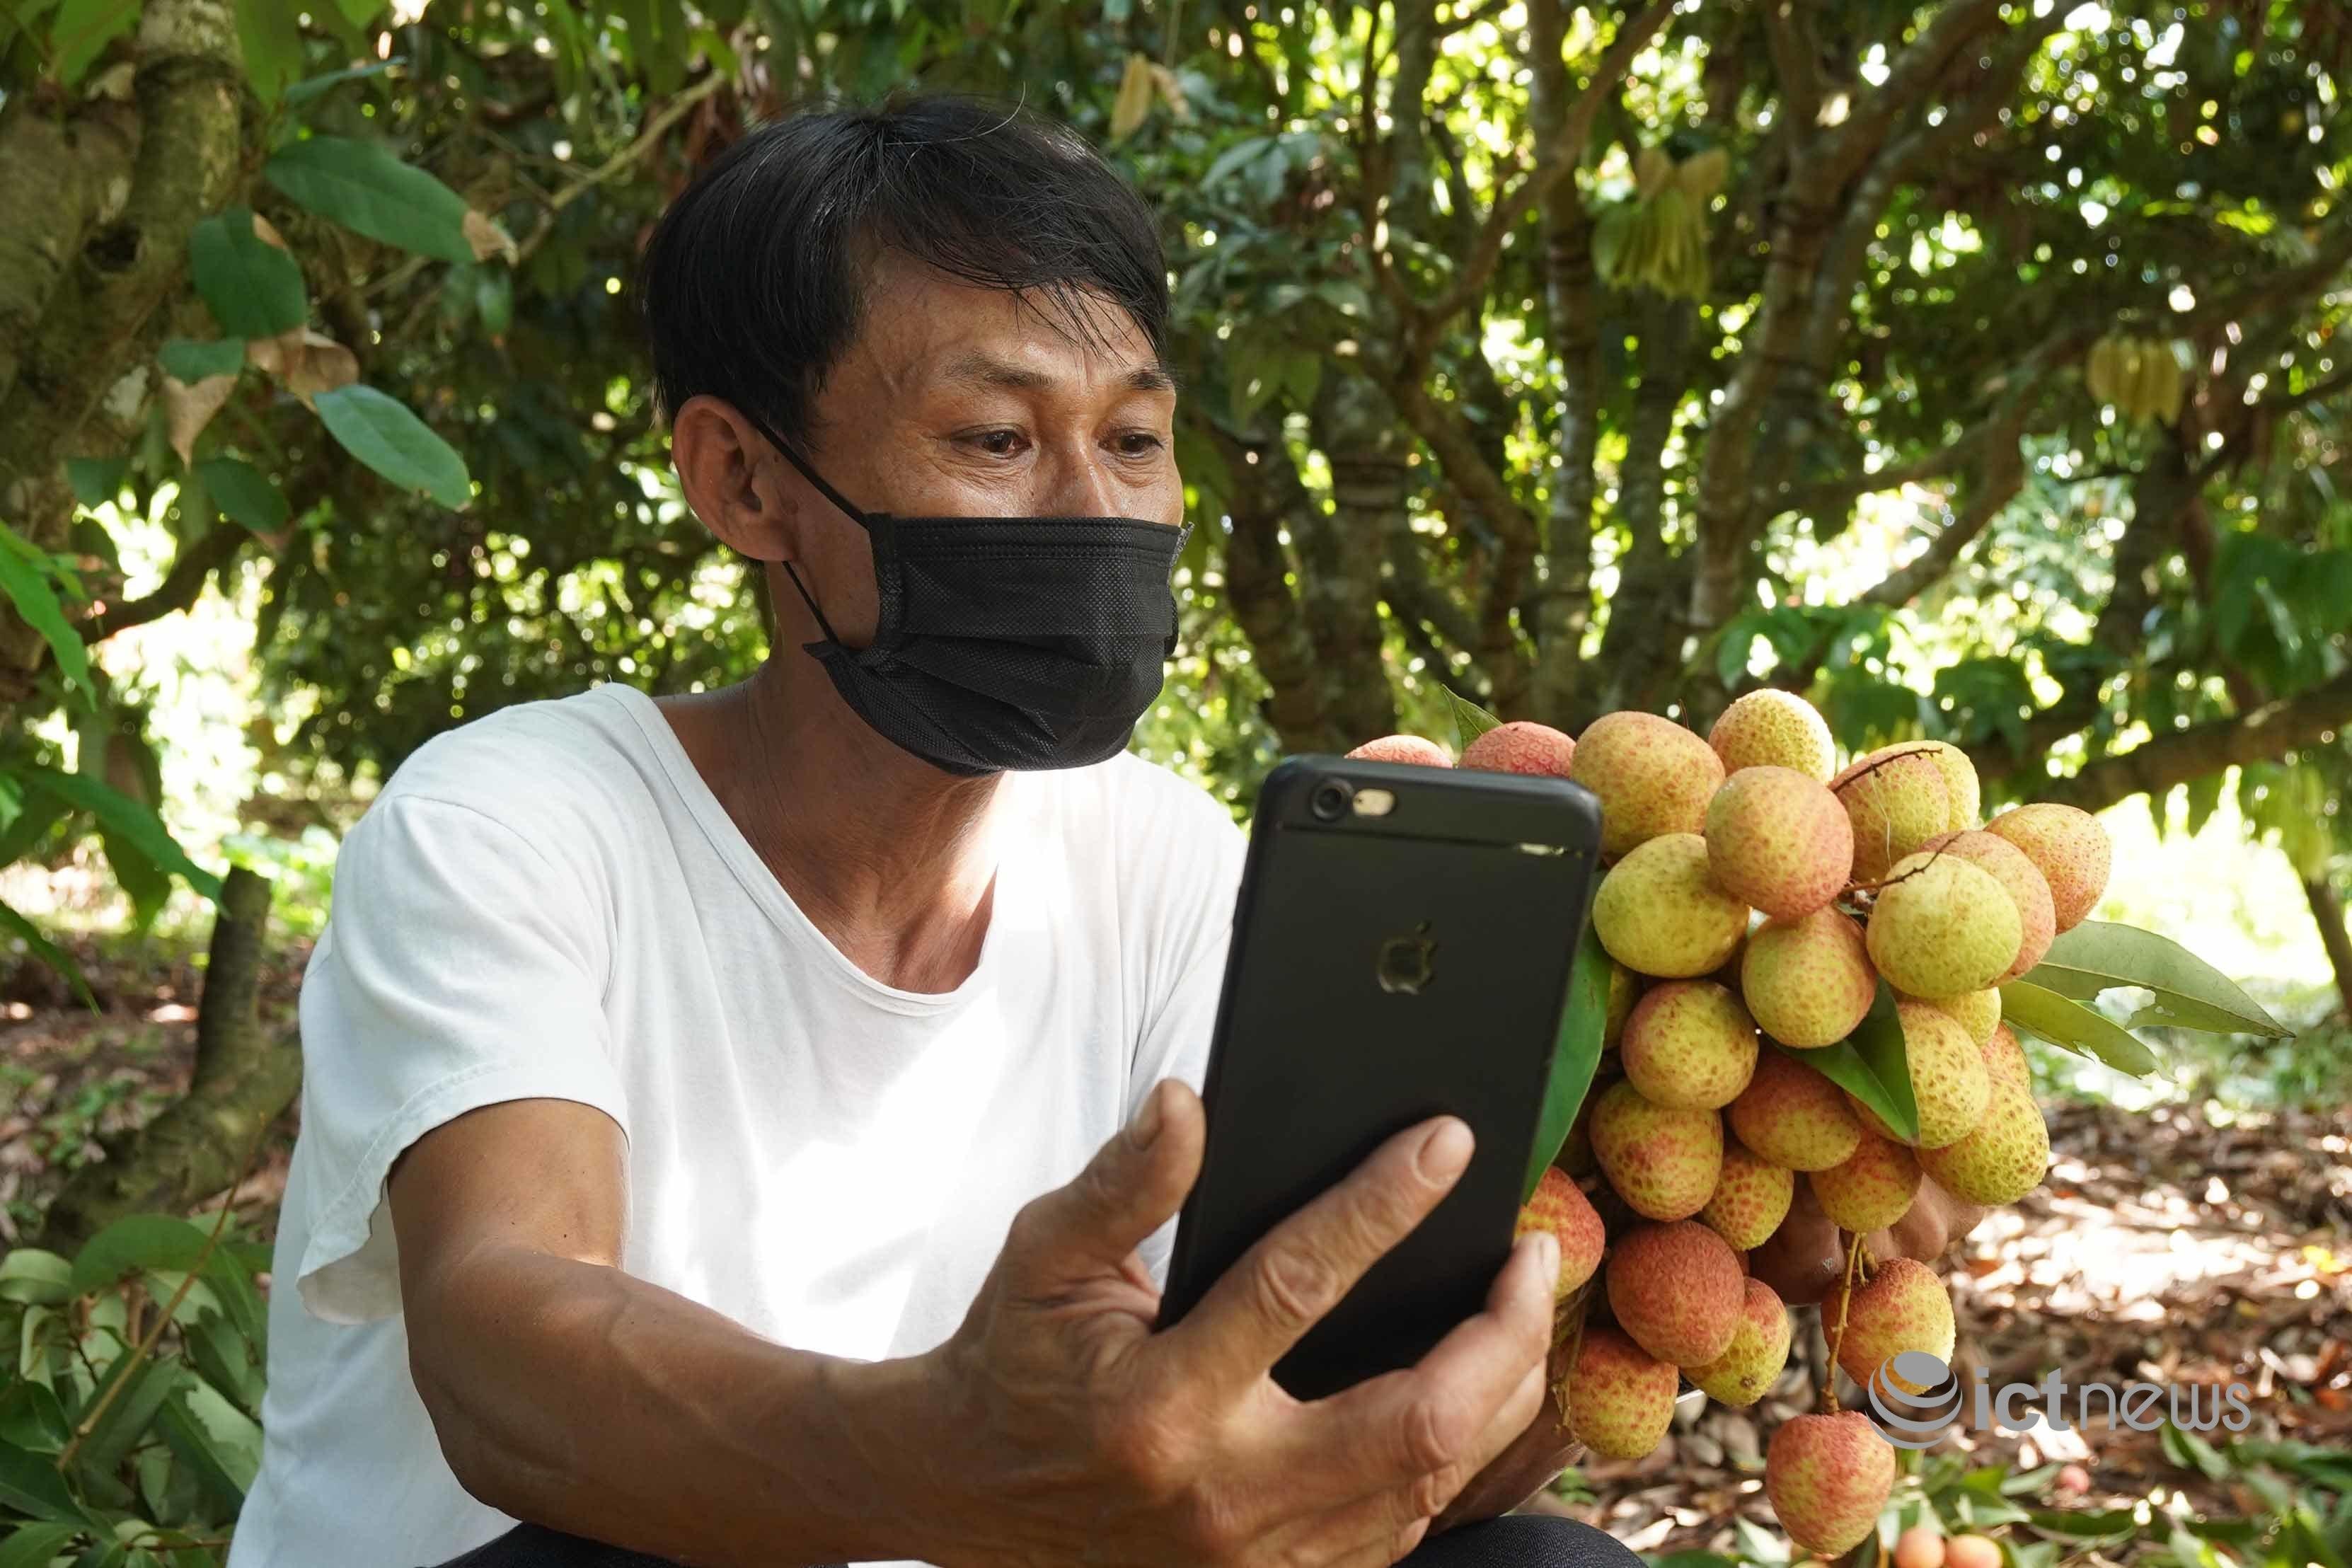 Chưa vào chính vụ, Postmart và Vỏ Sò đã tiêu thụ 515 tấn vải thiều Bắc Giang